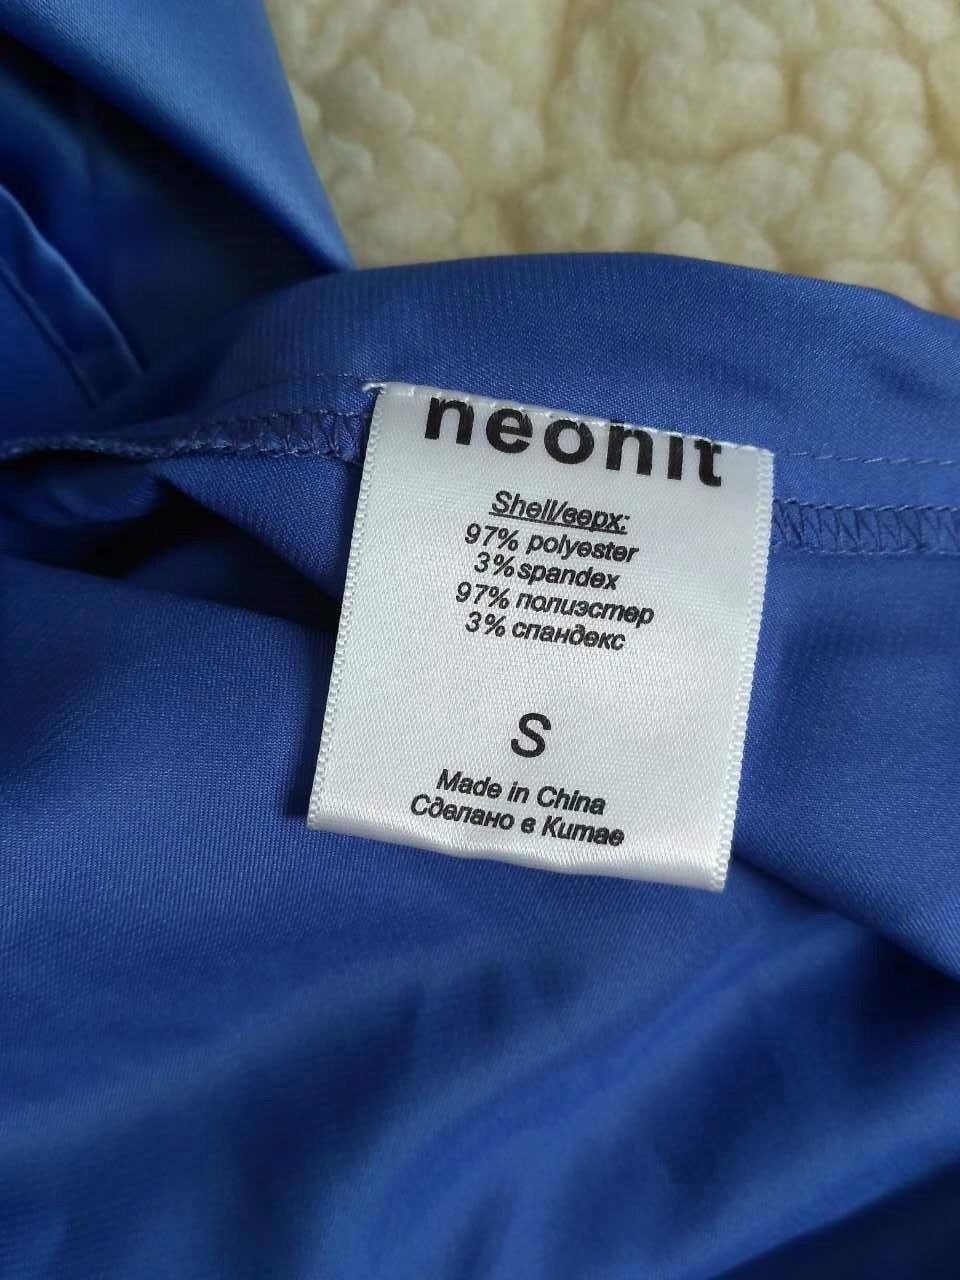 Платье Neohit, р-р S (44)